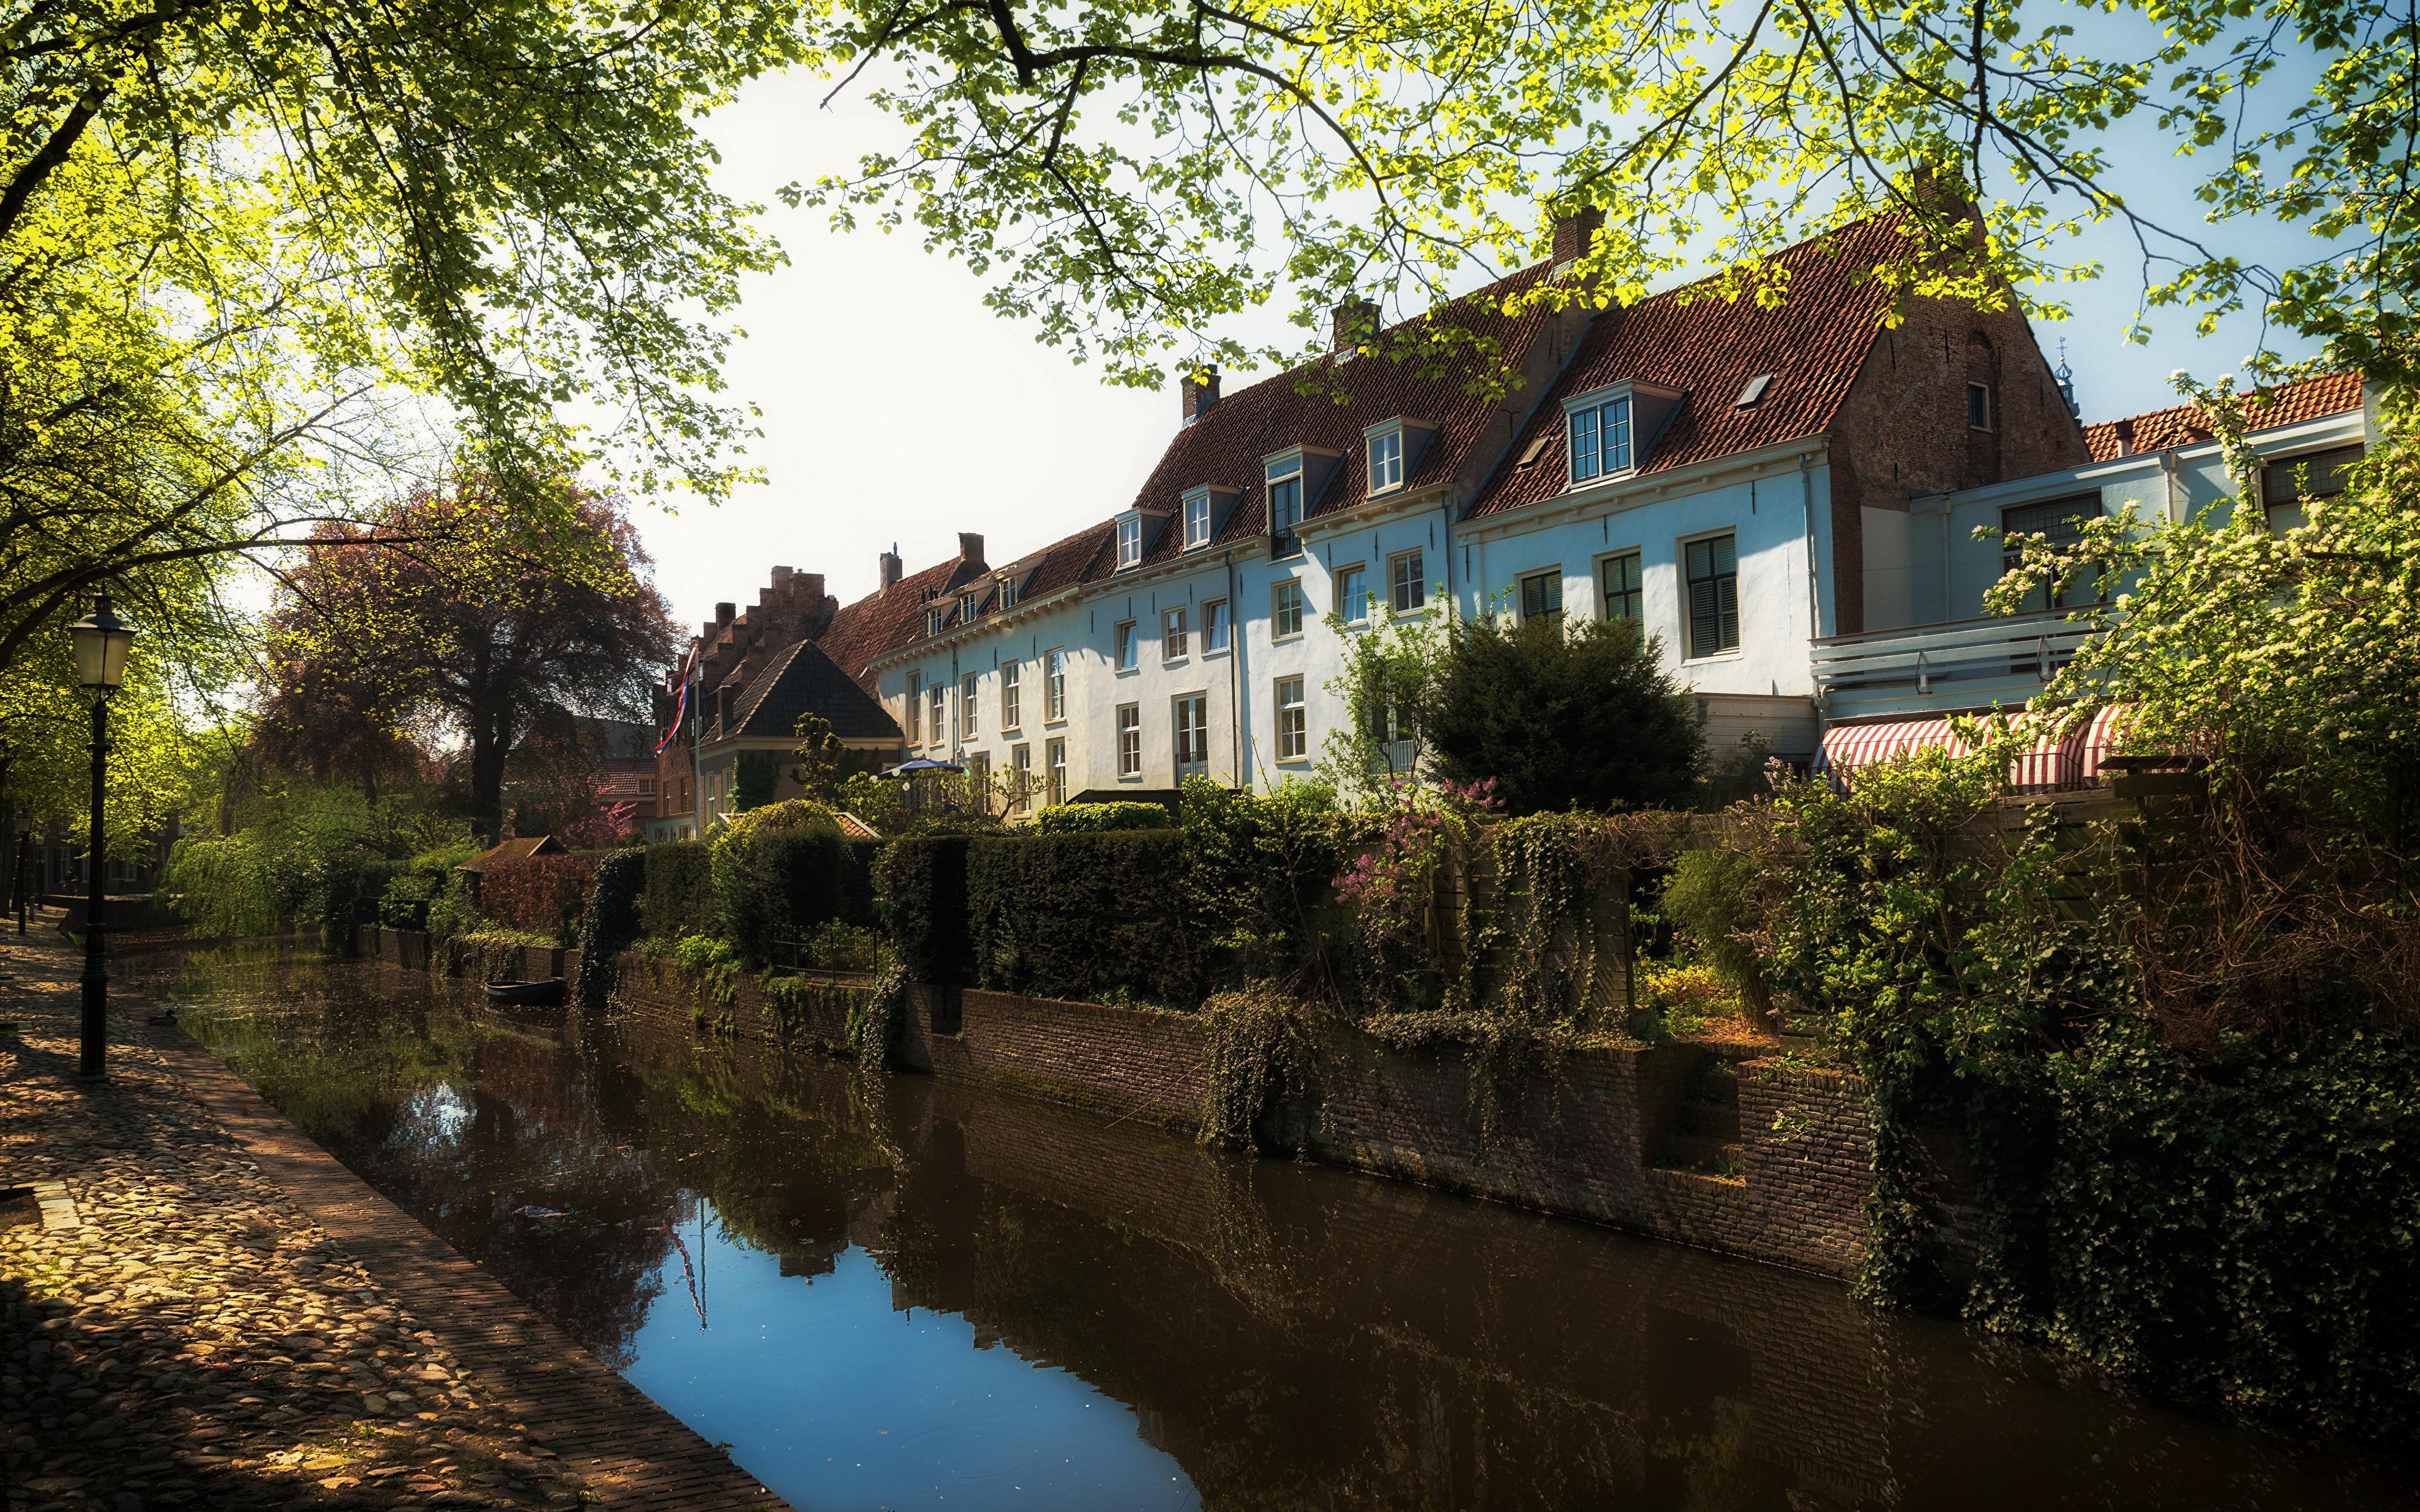 zdjęcia Holandia Amersfoort Kanał wodny Domy Drzewa Miasta 3840x2400 miasto budynki budynek